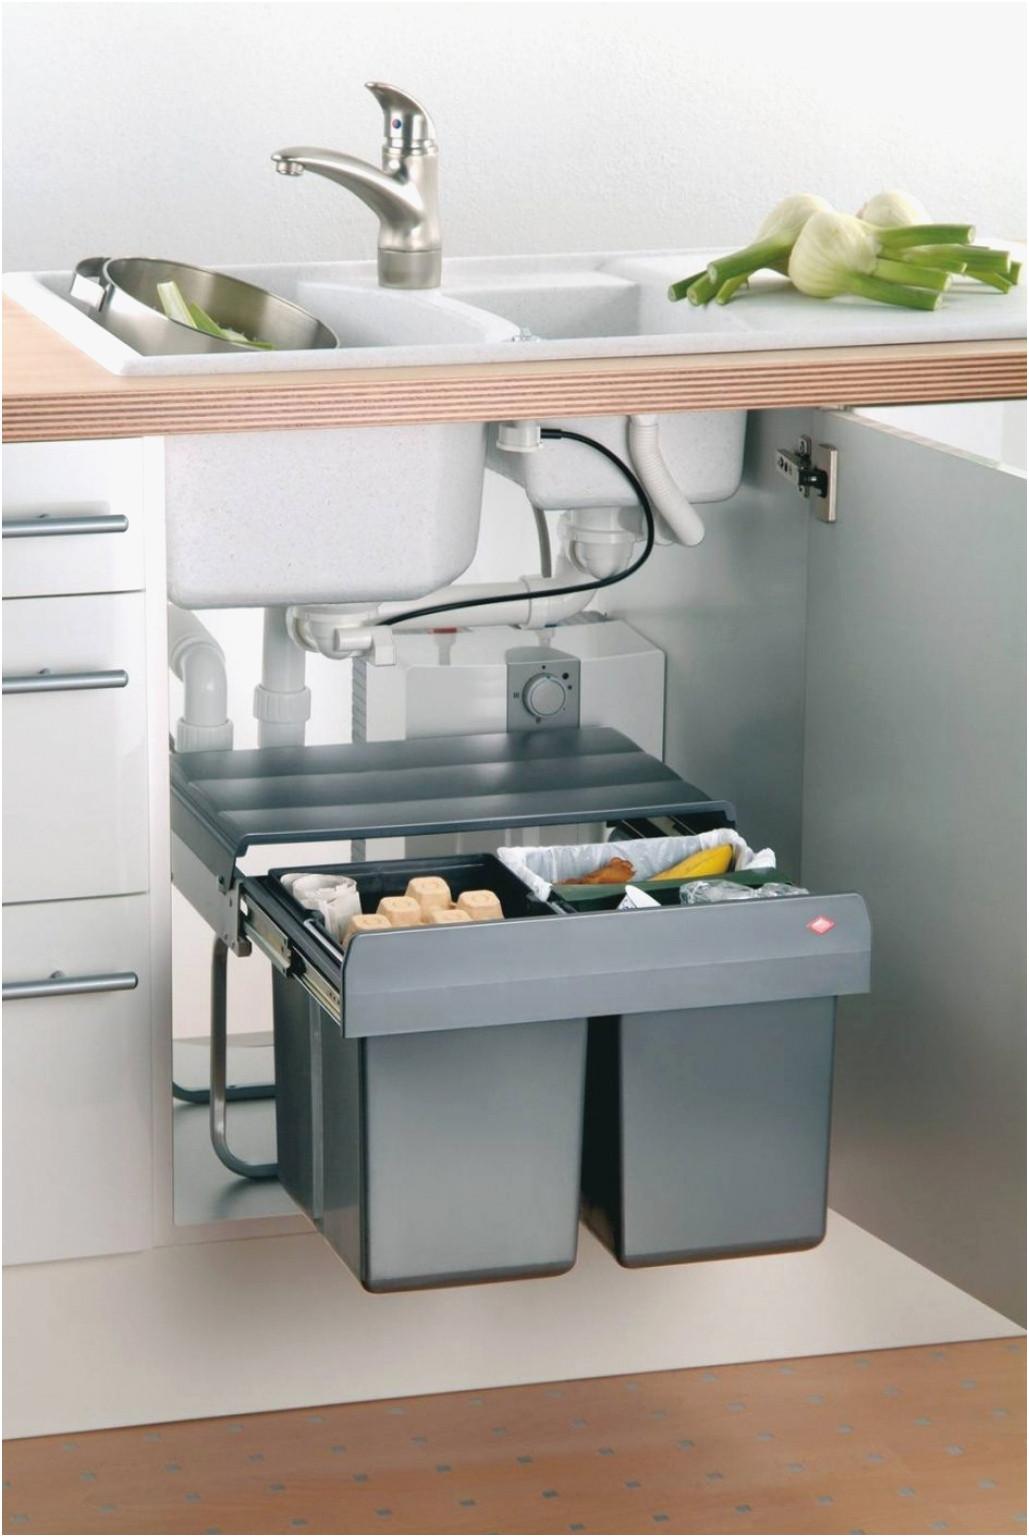 Ikea meuble sous evier poubelle id es de travaux - Ikea evier cuisine ...